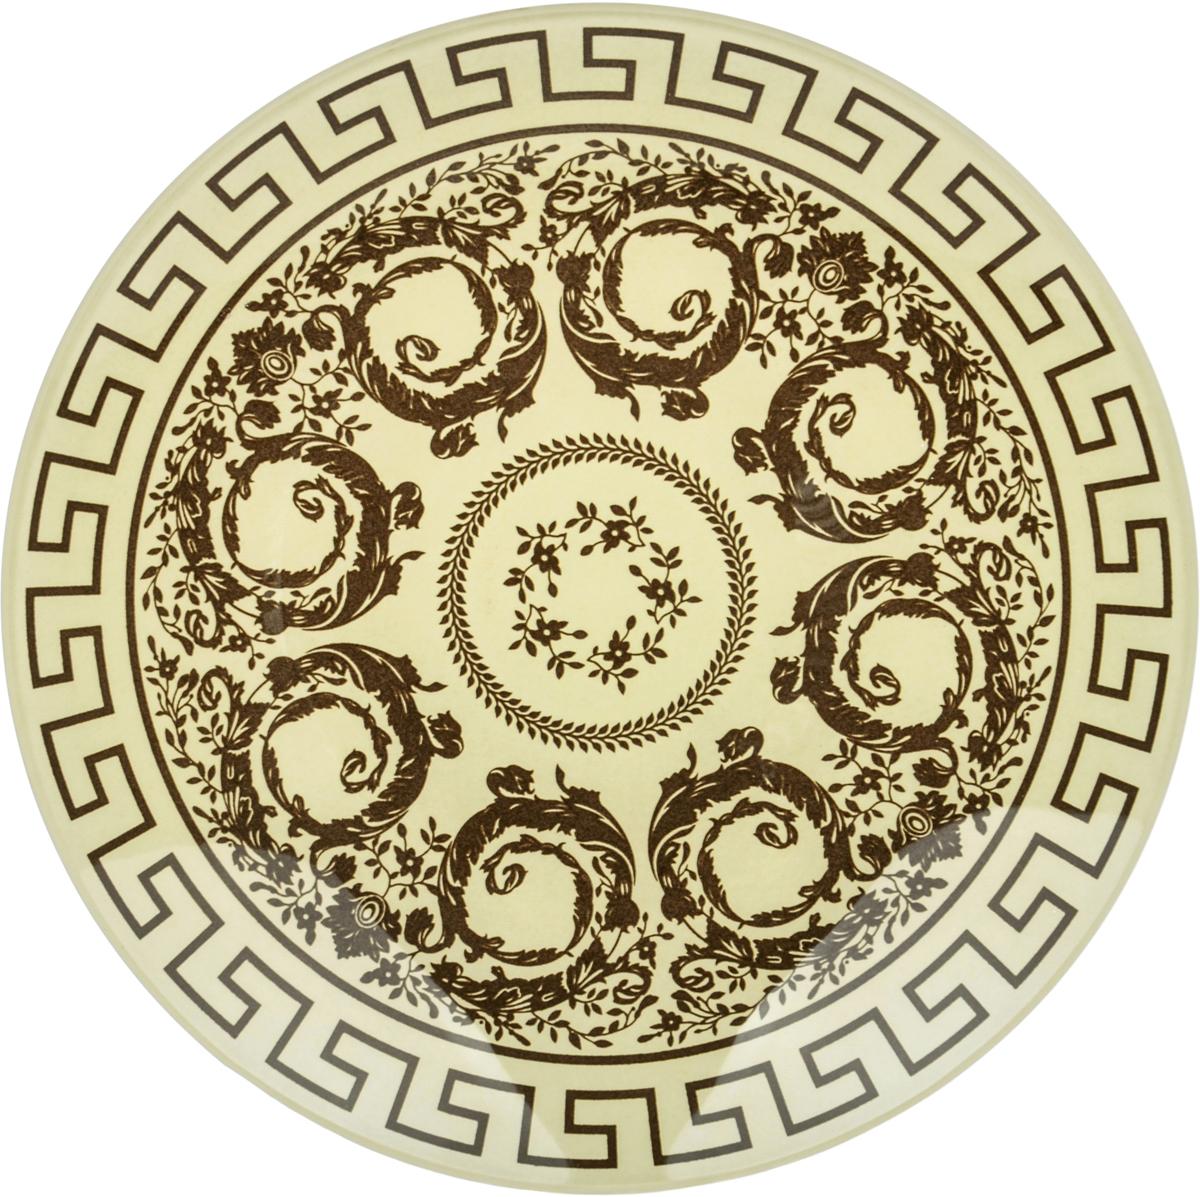 Тарелка Nina Glass Стиль, цвет: коричневый, диаметр 20 см салатник nina glass ажур цвет сиреневый диаметр 16 см